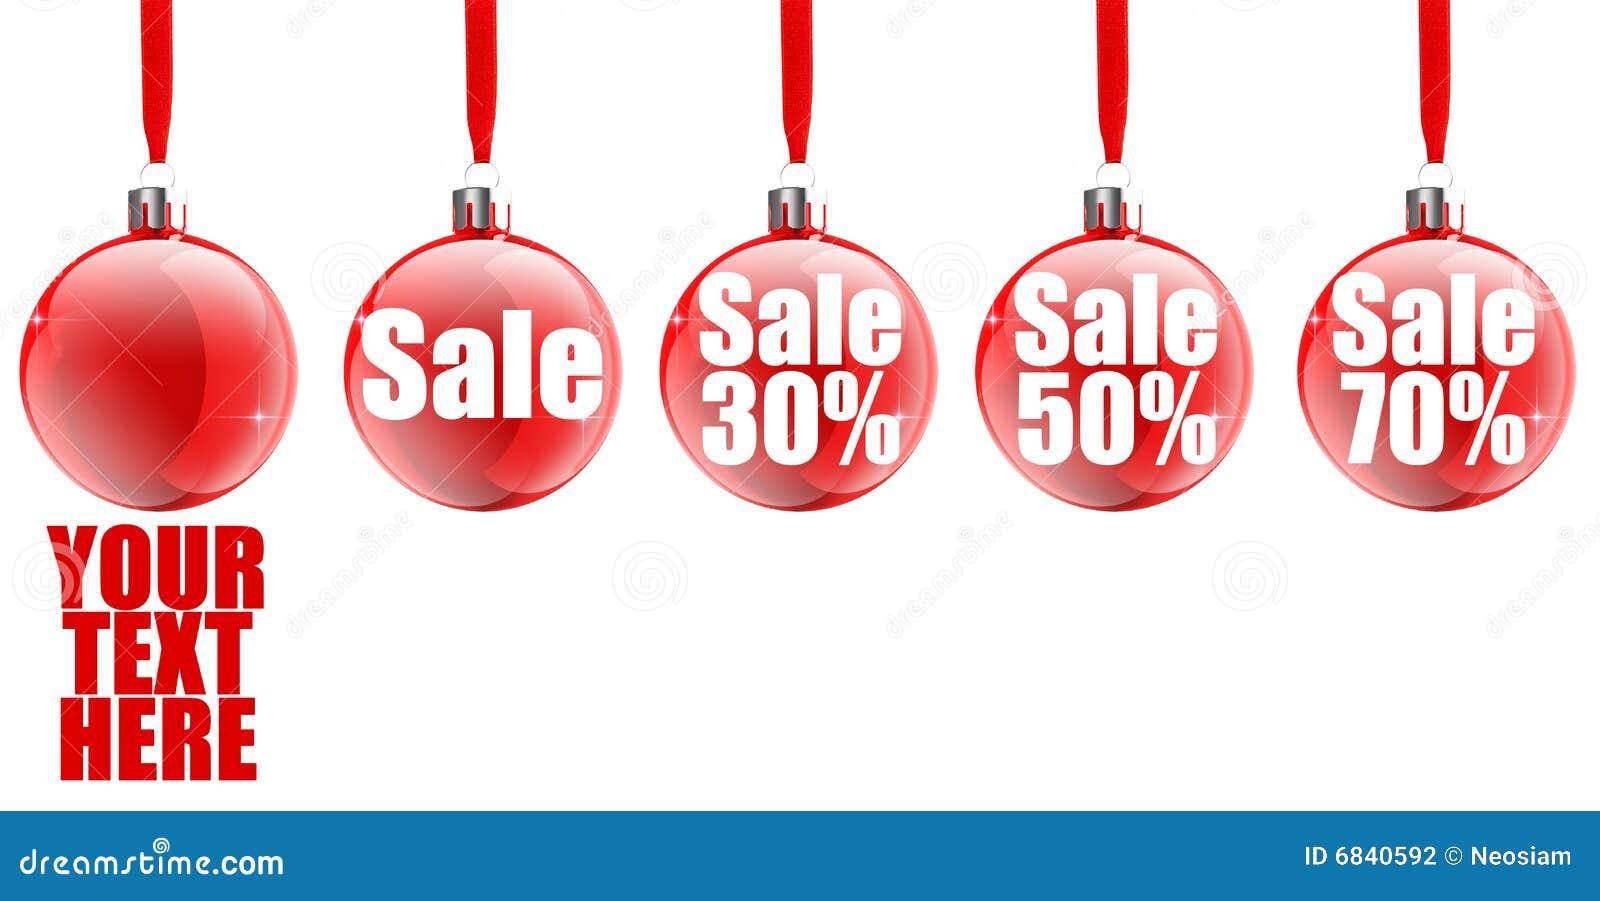 圣诞节图标销售额